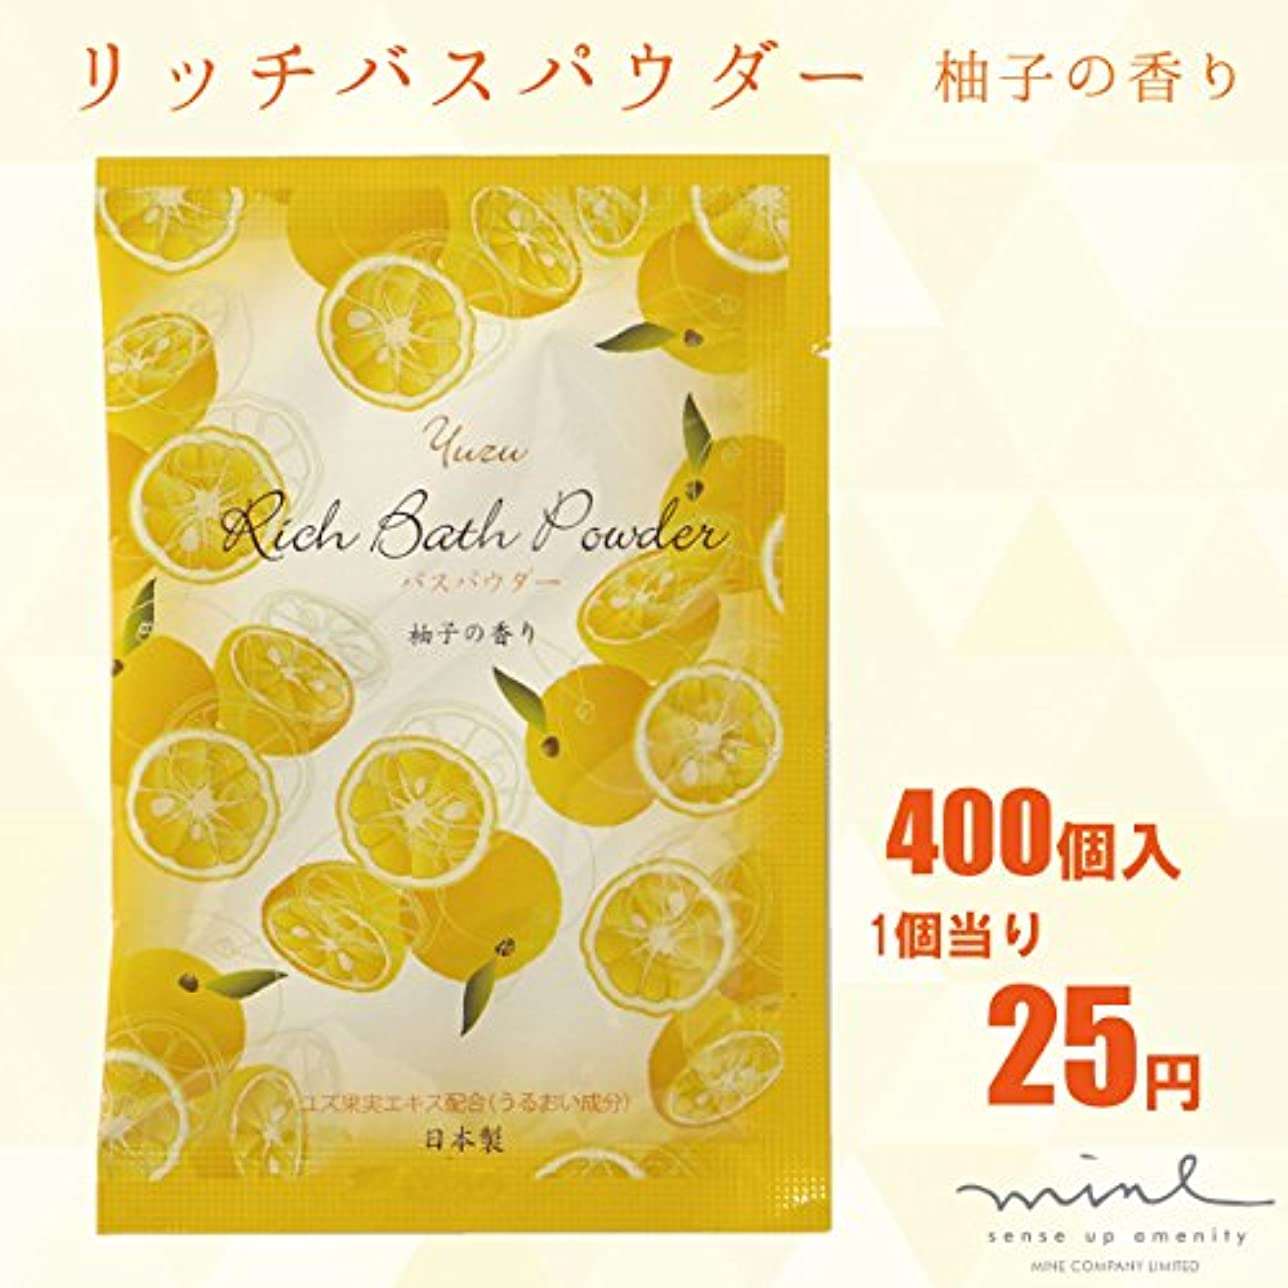 つかむ今まで矩形リッチバスパウダー20g 柚子の香り × 400個